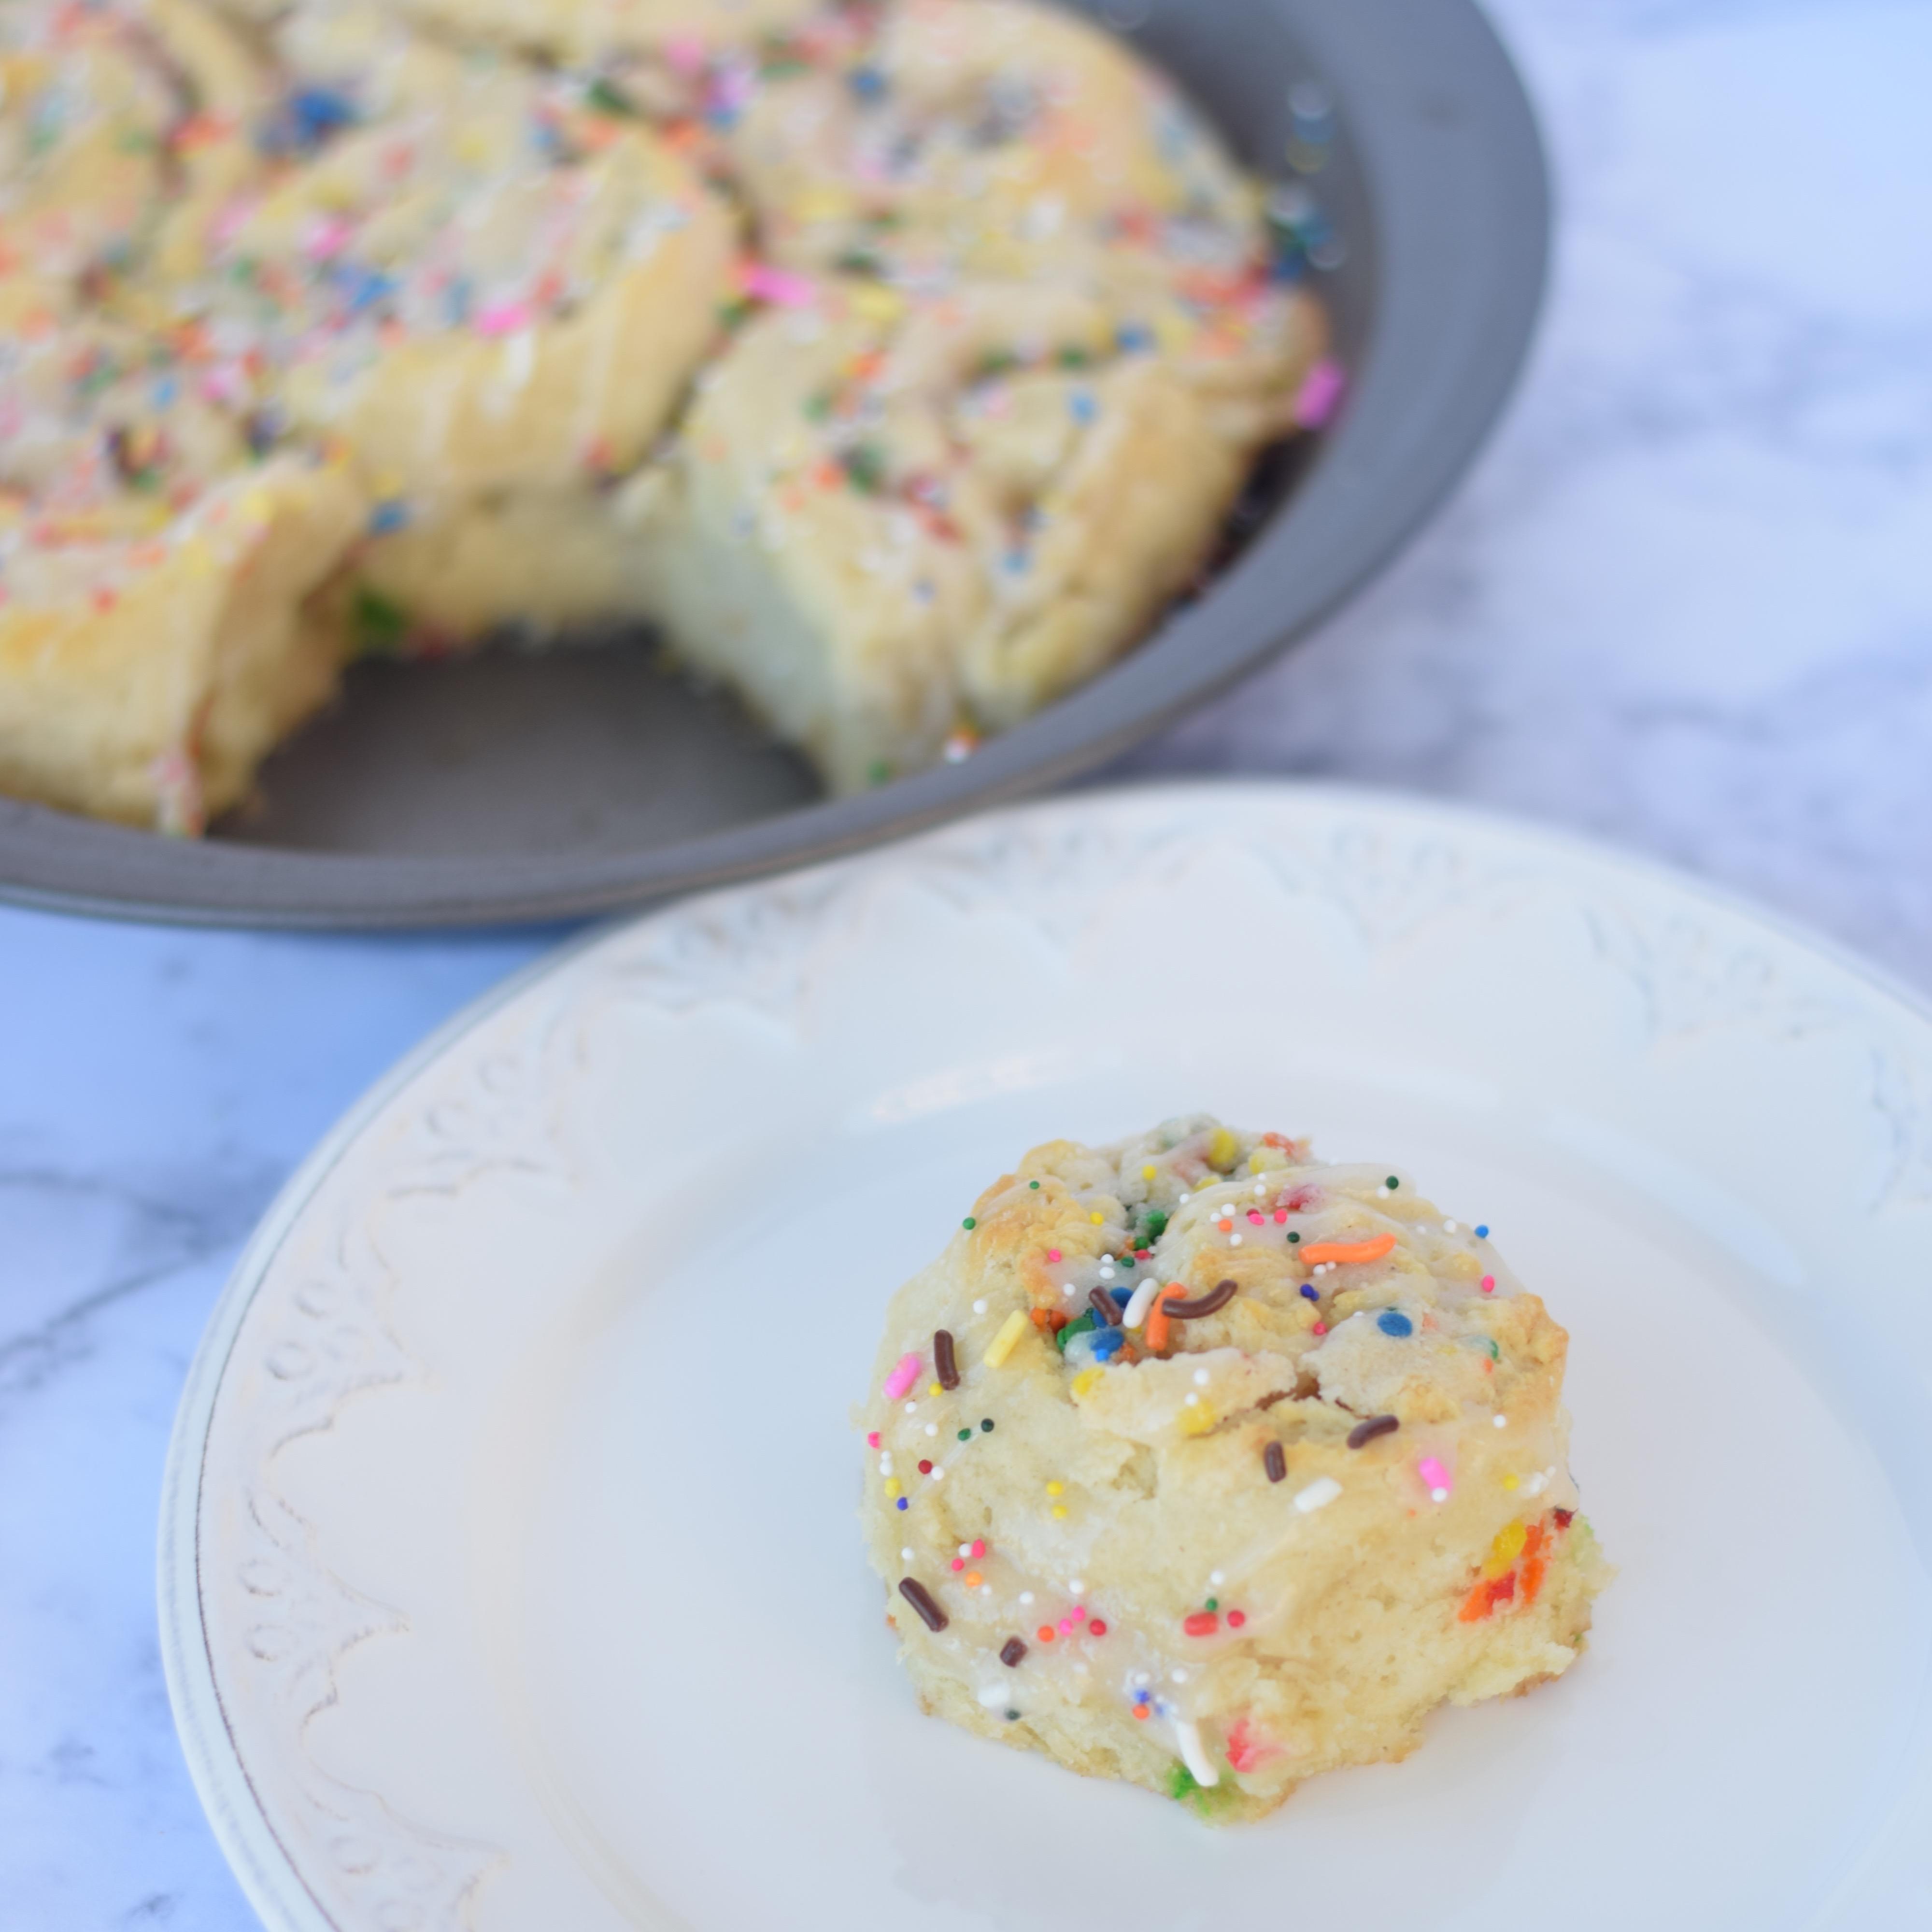 cake-batter-cinnamon-rolls-